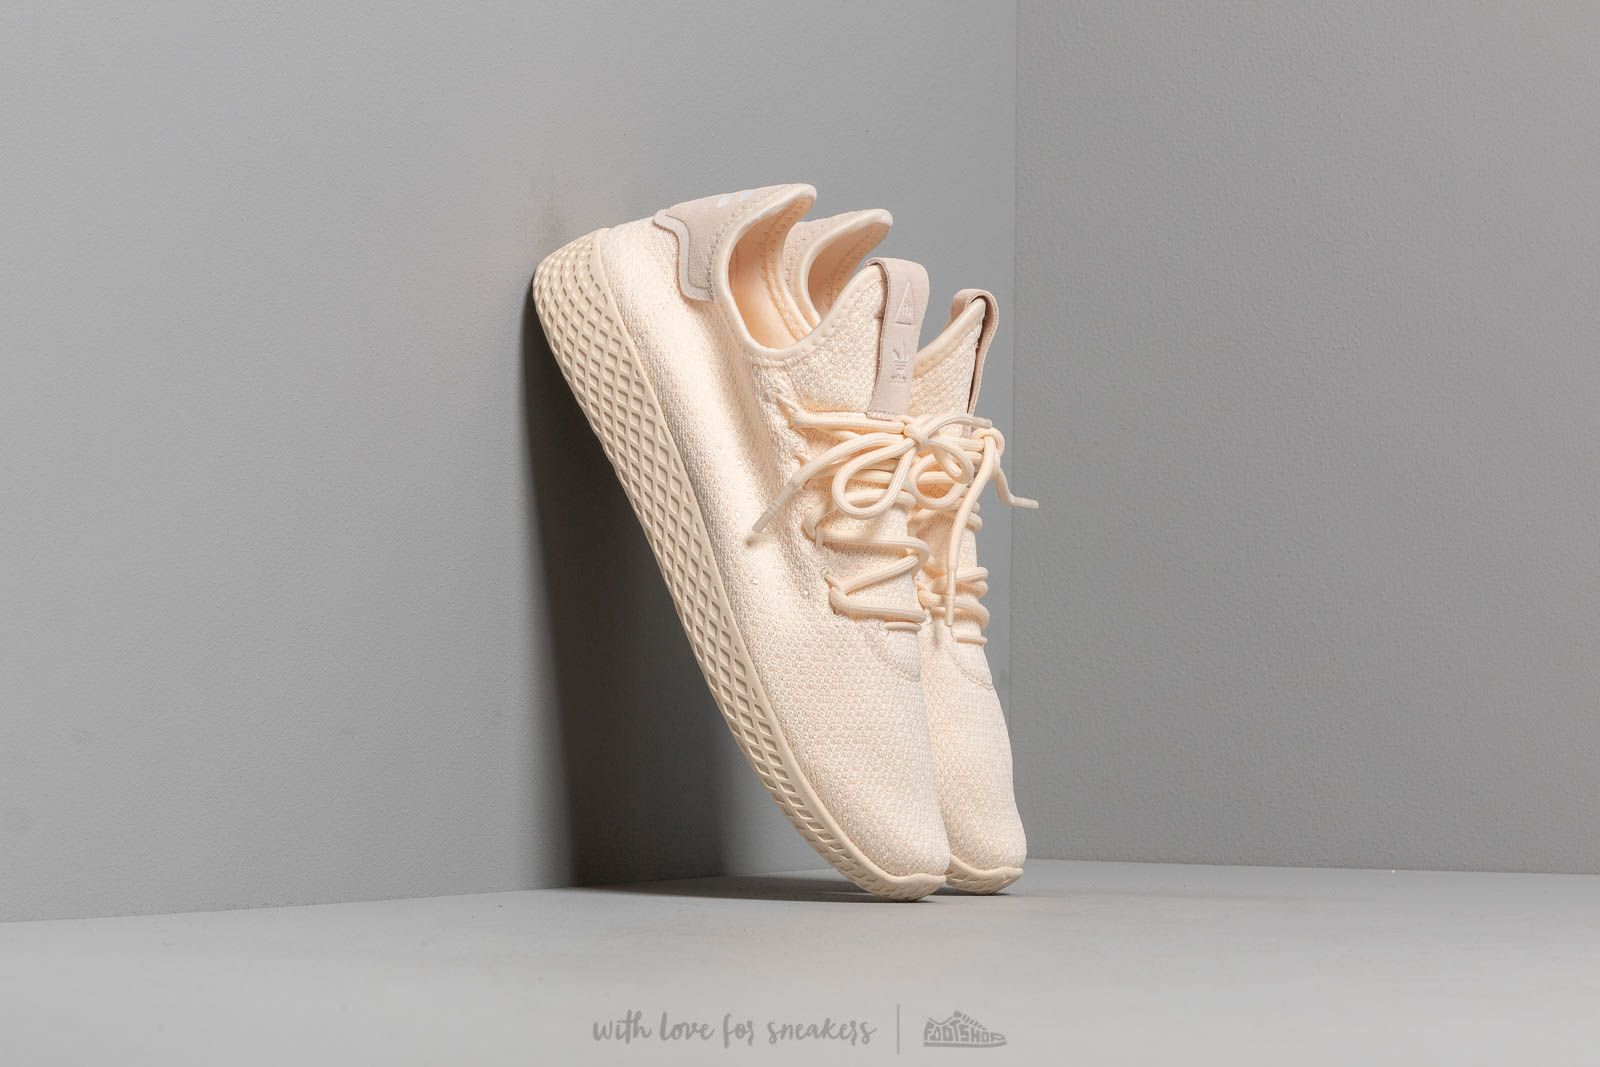 adidas Pw Tennis Hu W Ecru Tint/ Cloud White/ Core Black za skvělou cenu 2 490 Kč koupíte na Footshop.cz